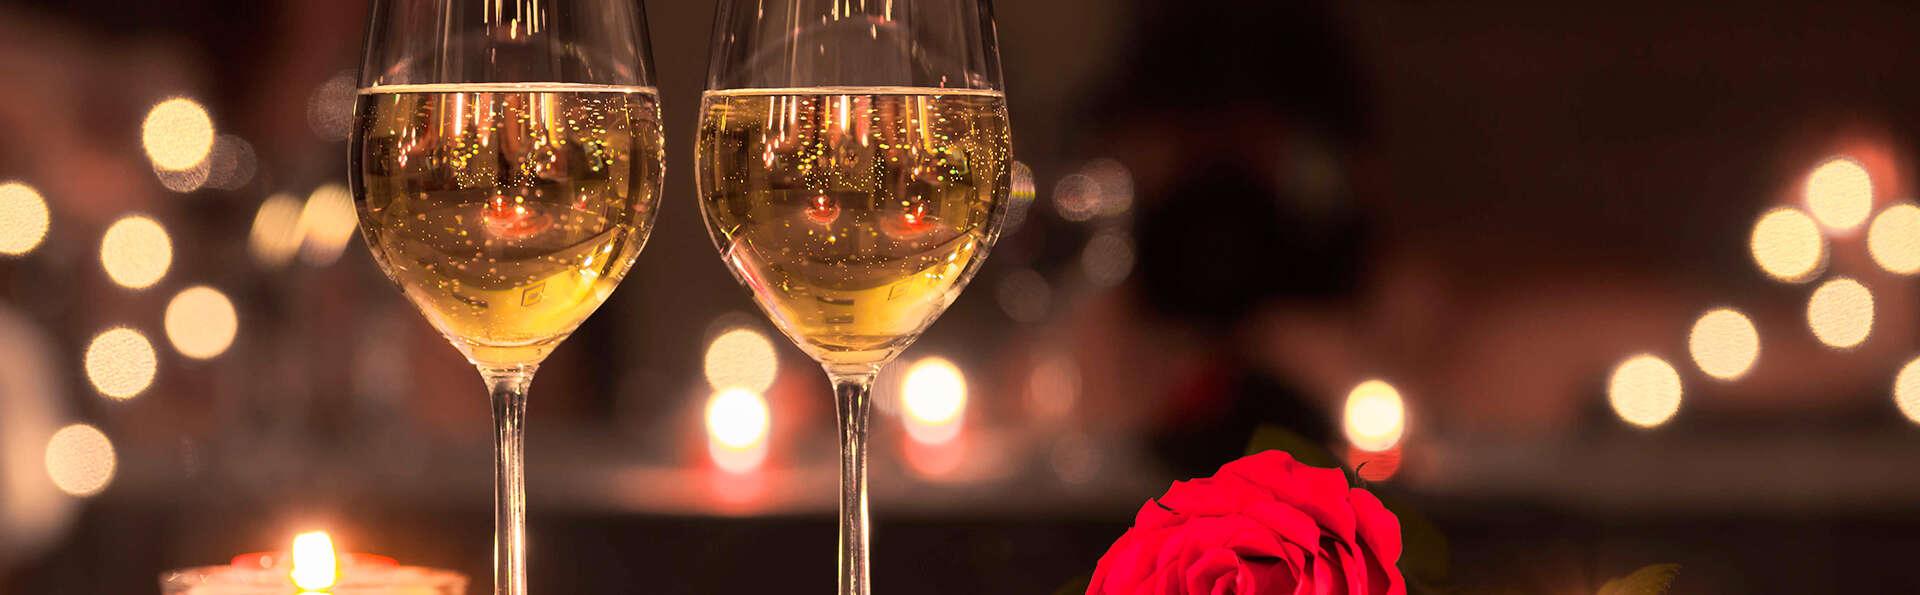 Séjour romantique en Toscane avec dîner !